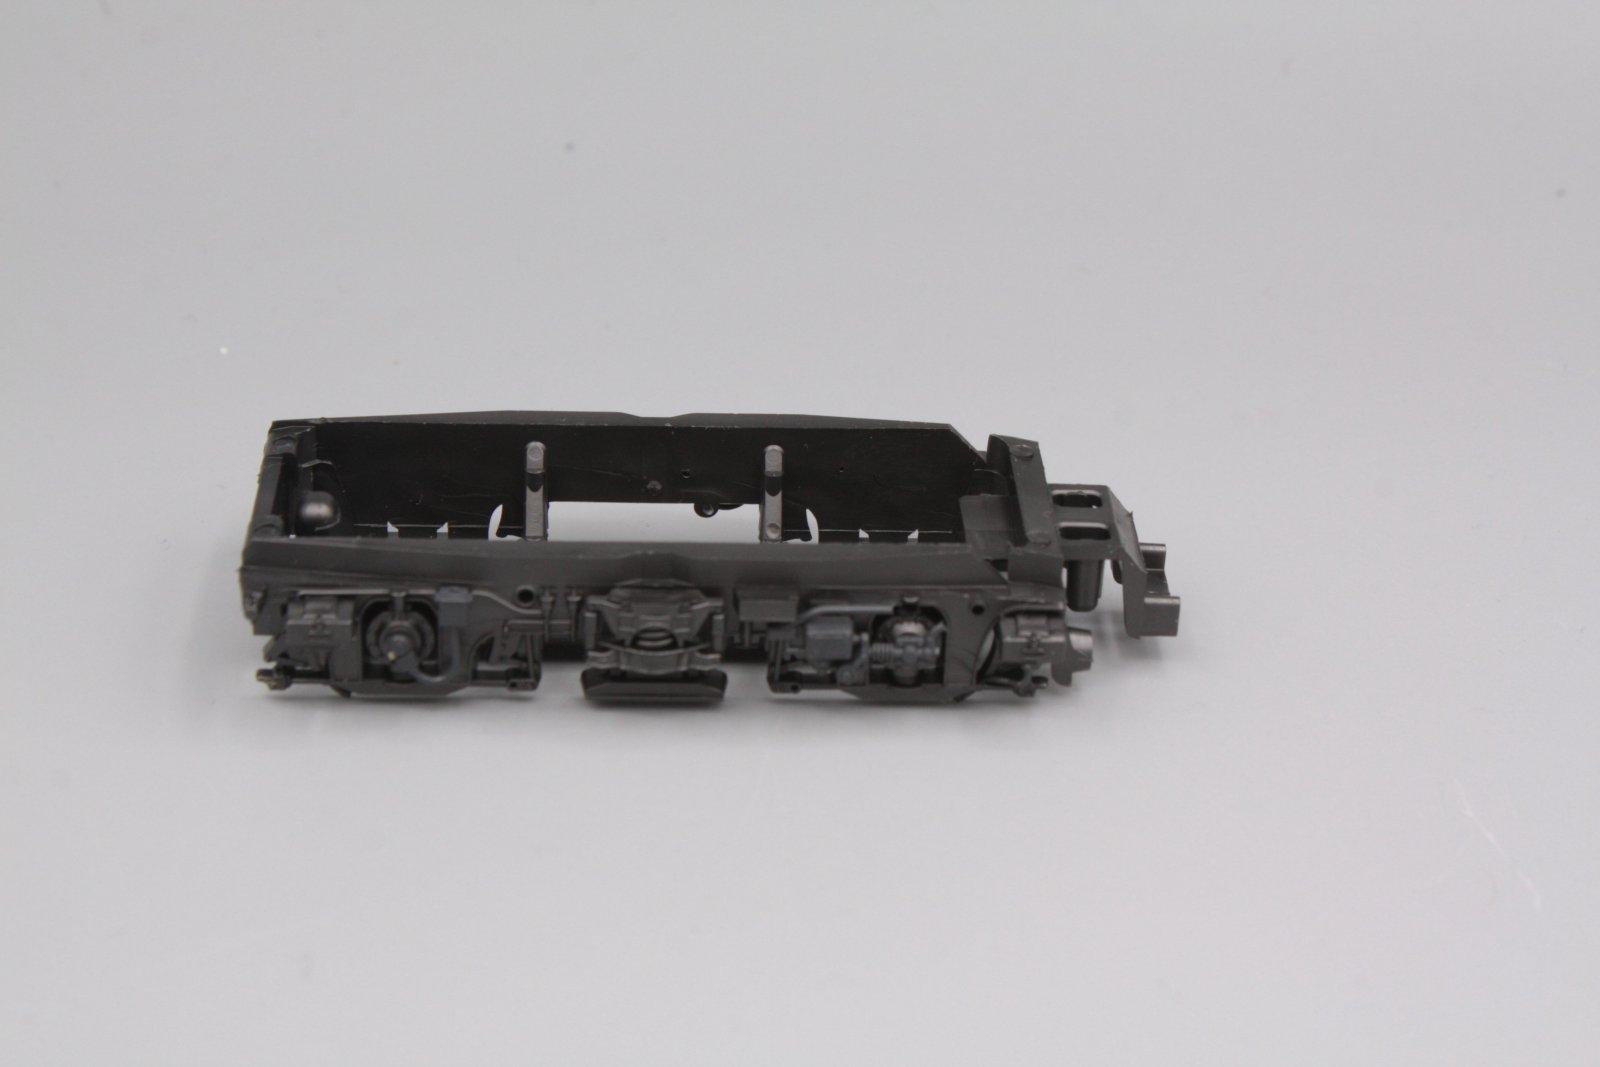 Ersatzteil Roco 110 / 140 Drehgestellblende anthrazit